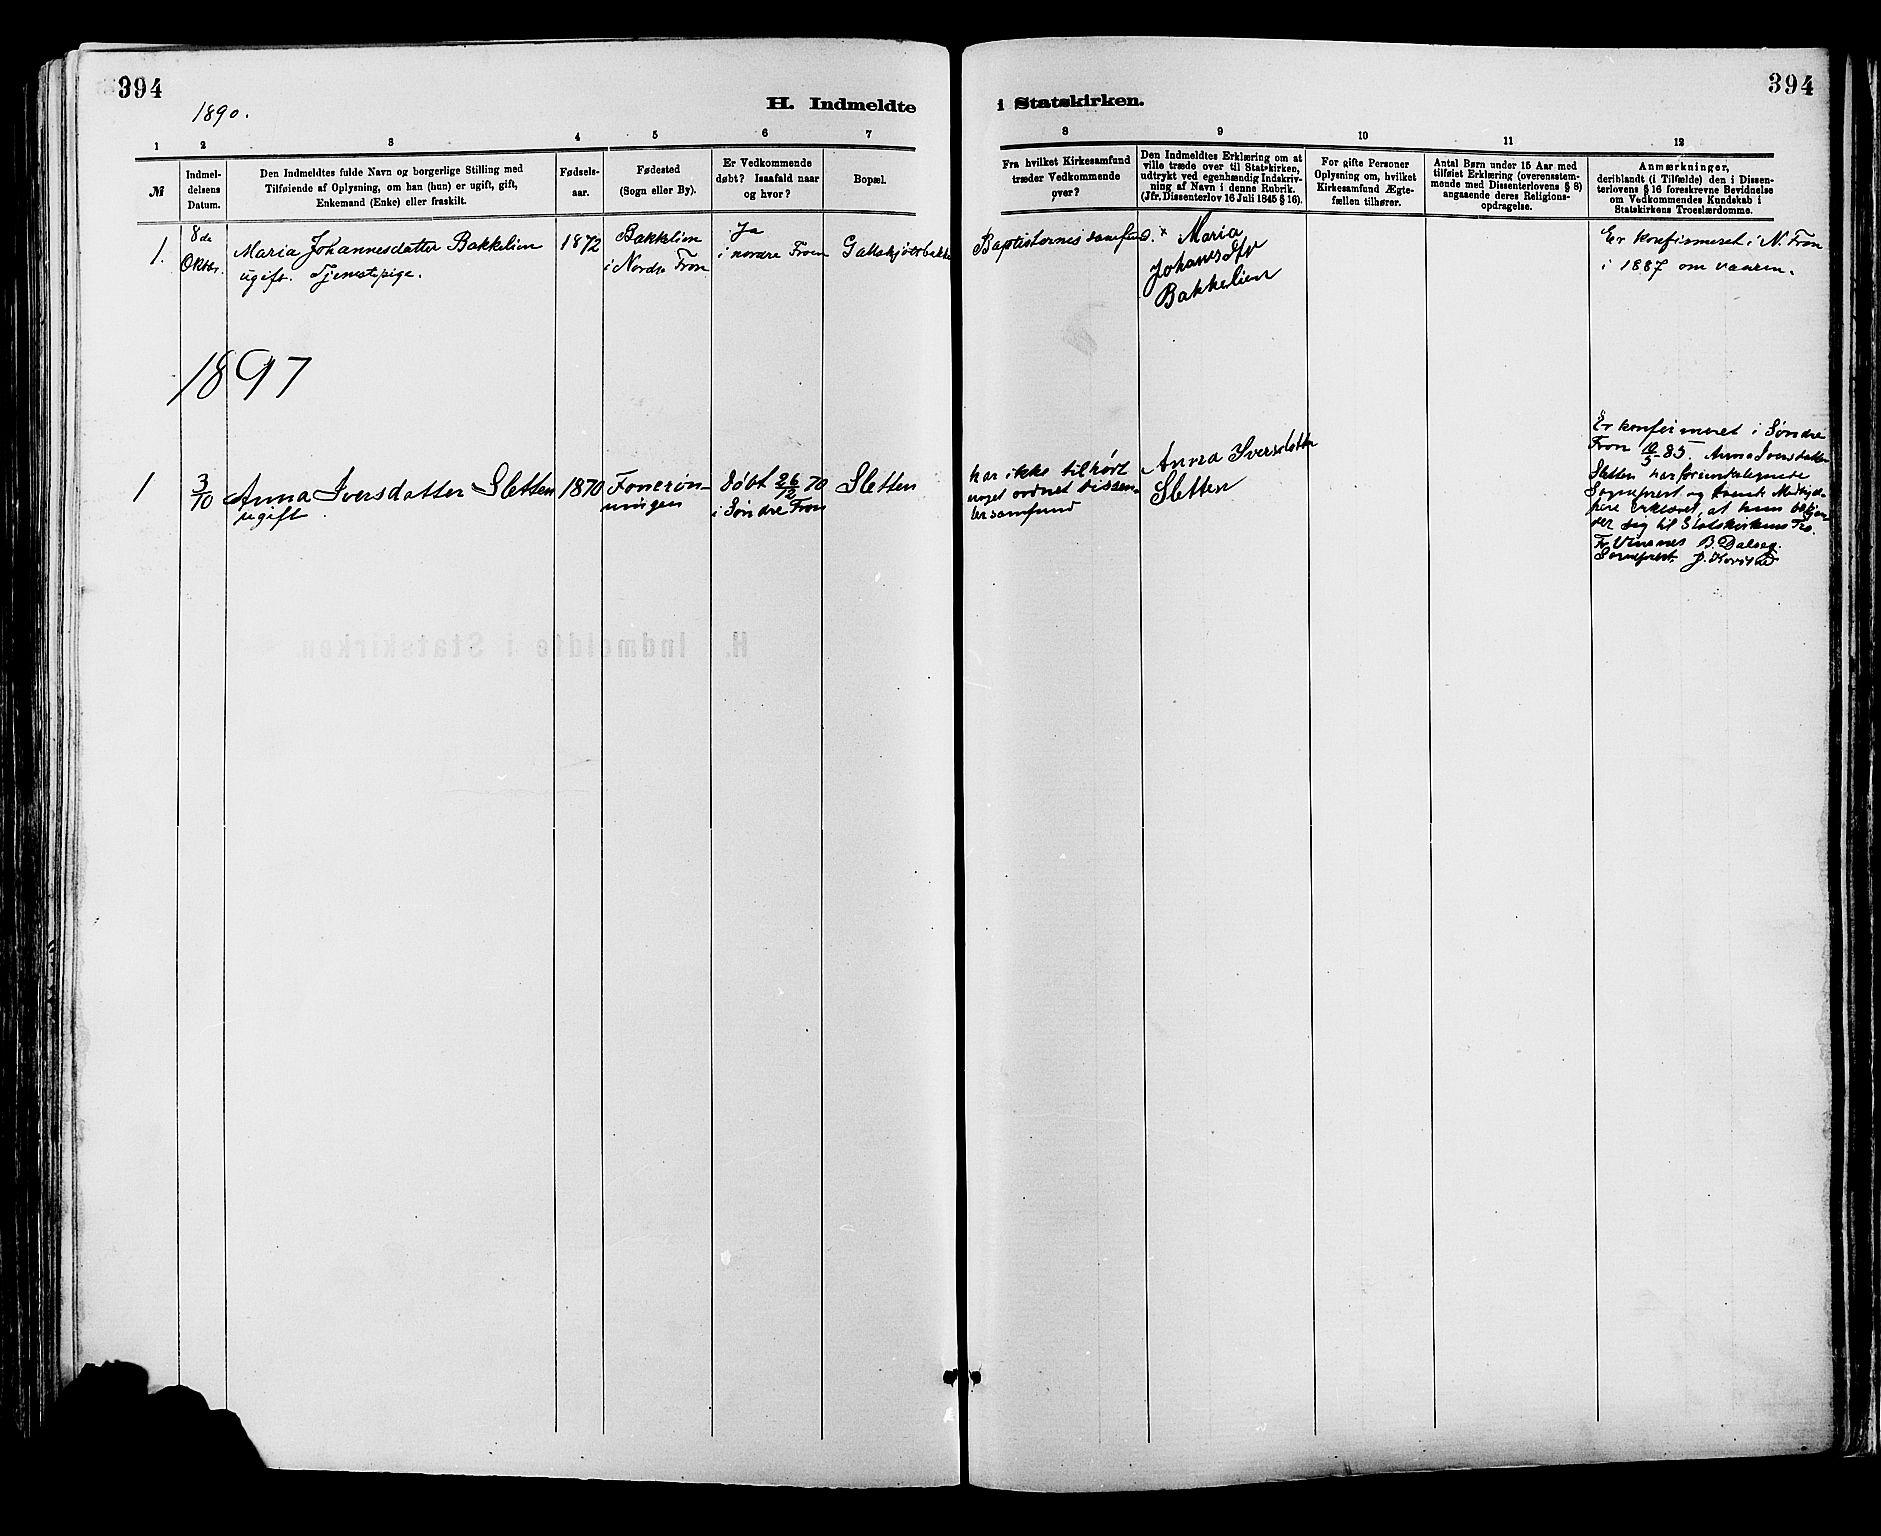 SAH, Sør-Fron prestekontor, H/Ha/Haa/L0003: Ministerialbok nr. 3, 1881-1897, s. 394